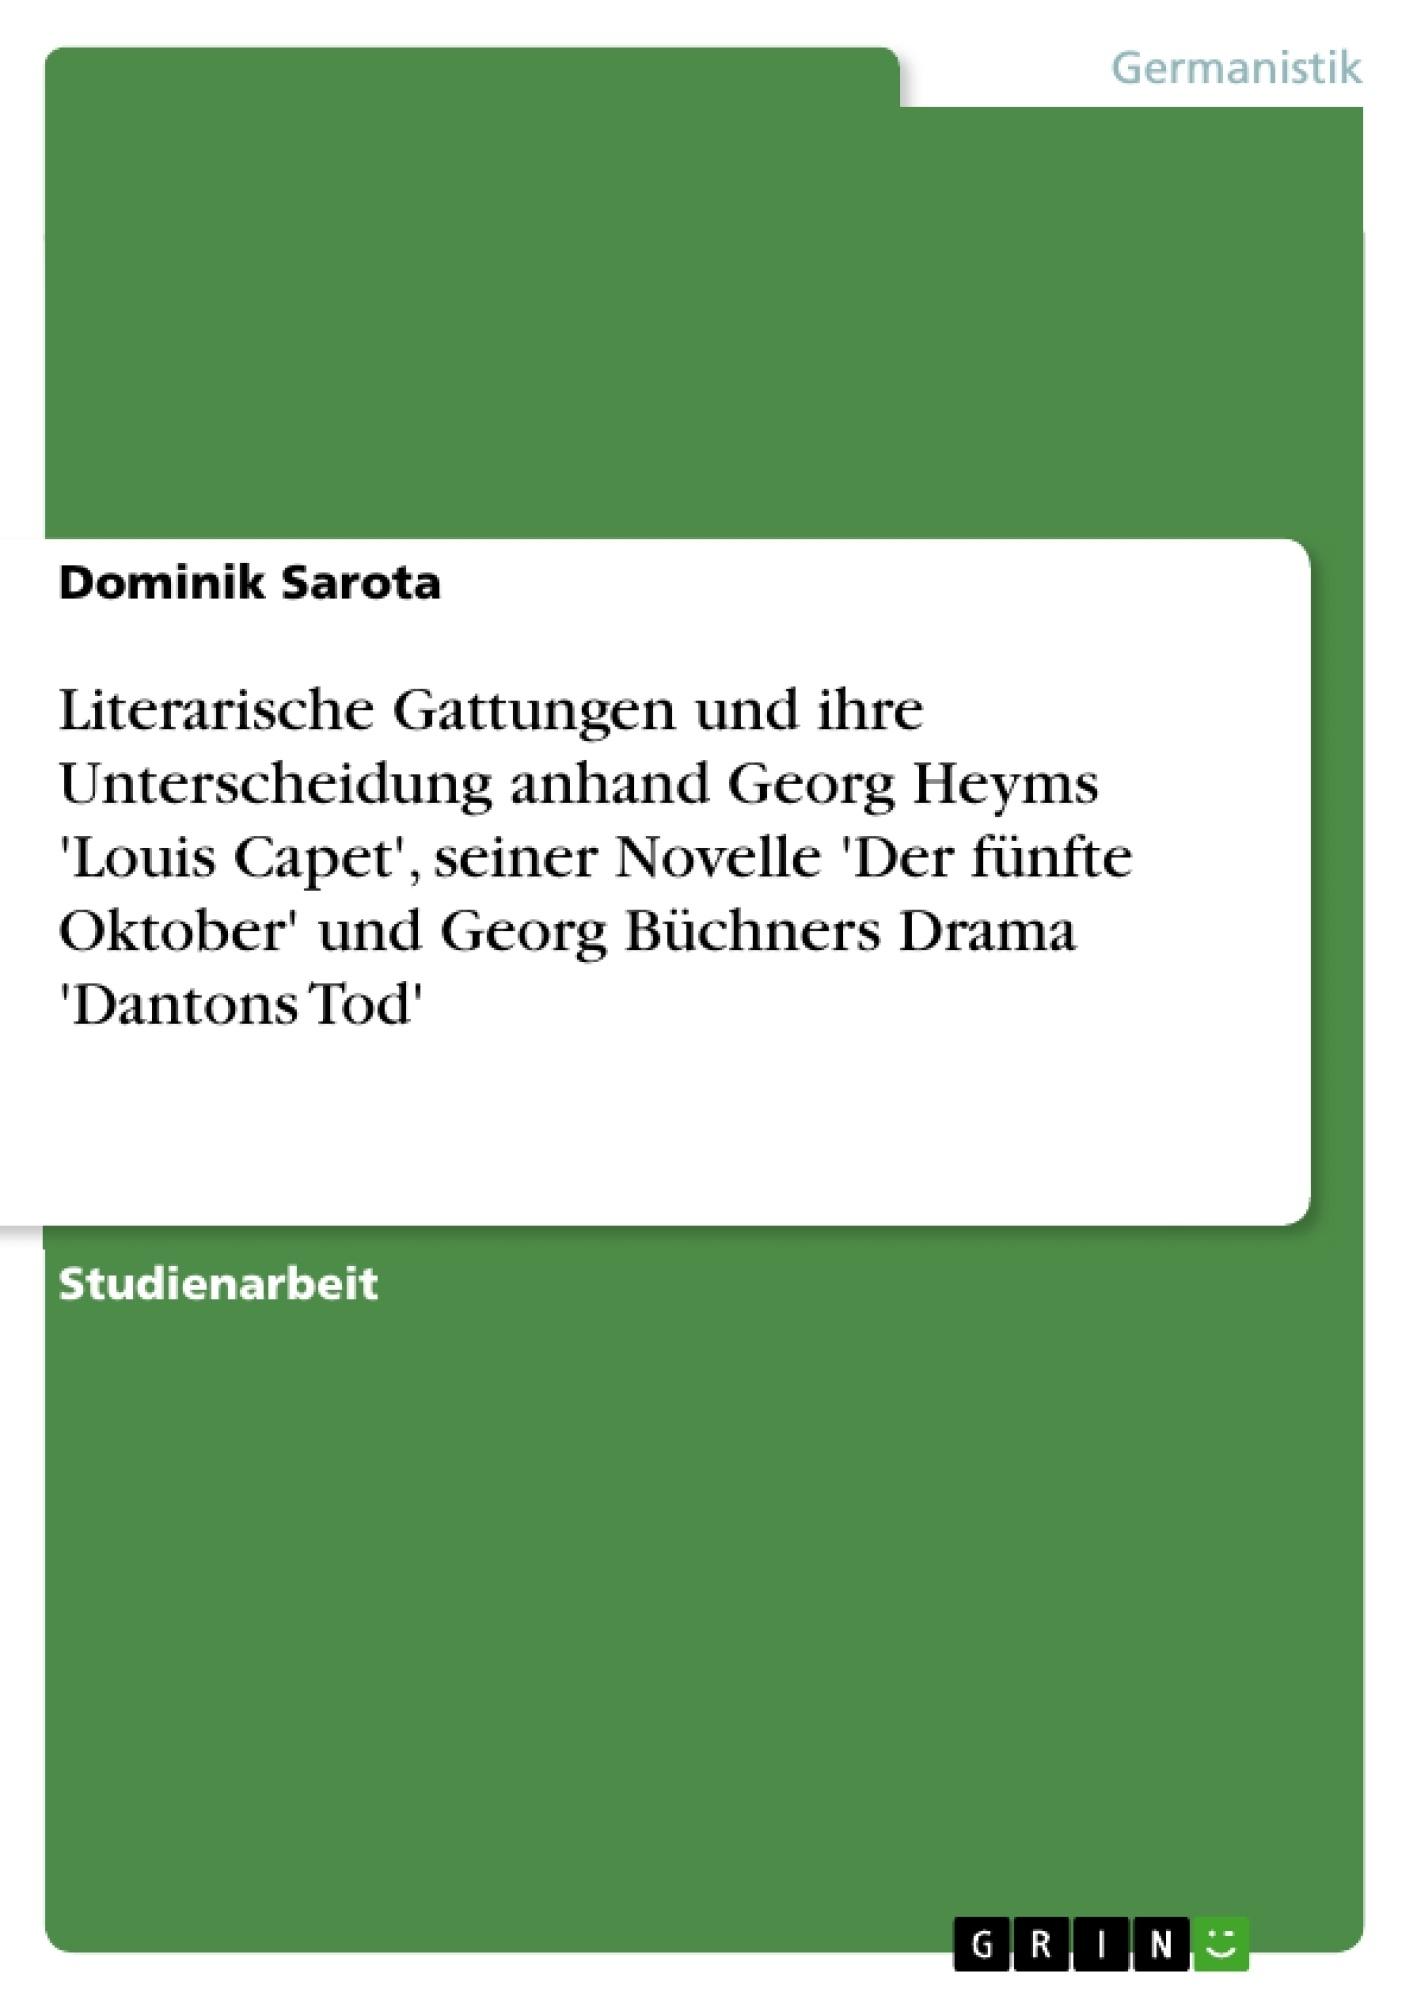 Titel: Literarische Gattungen und ihre Unterscheidung anhand Georg Heyms 'Louis Capet', seiner Novelle 'Der fünfte Oktober' und Georg Büchners Drama 'Dantons Tod'